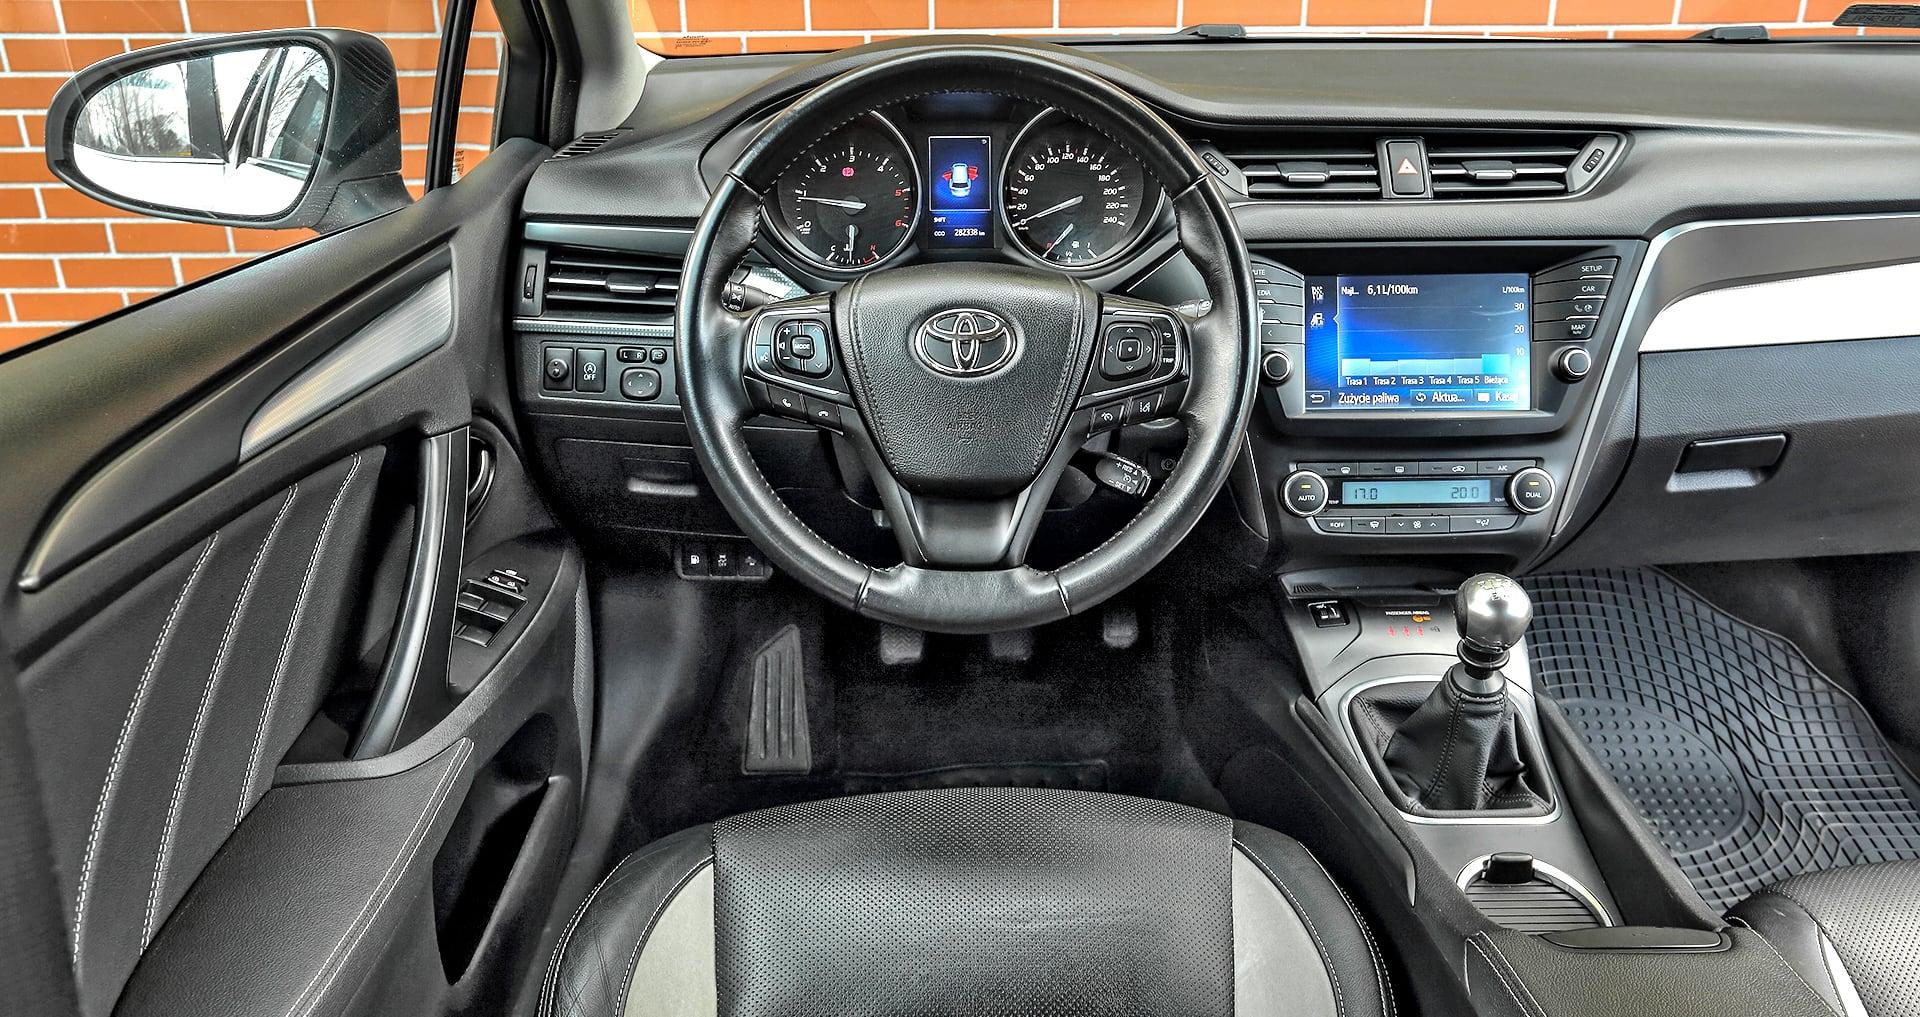 Toyota Avensis III 2.0 D-4D Prestige deska rozdzielcza